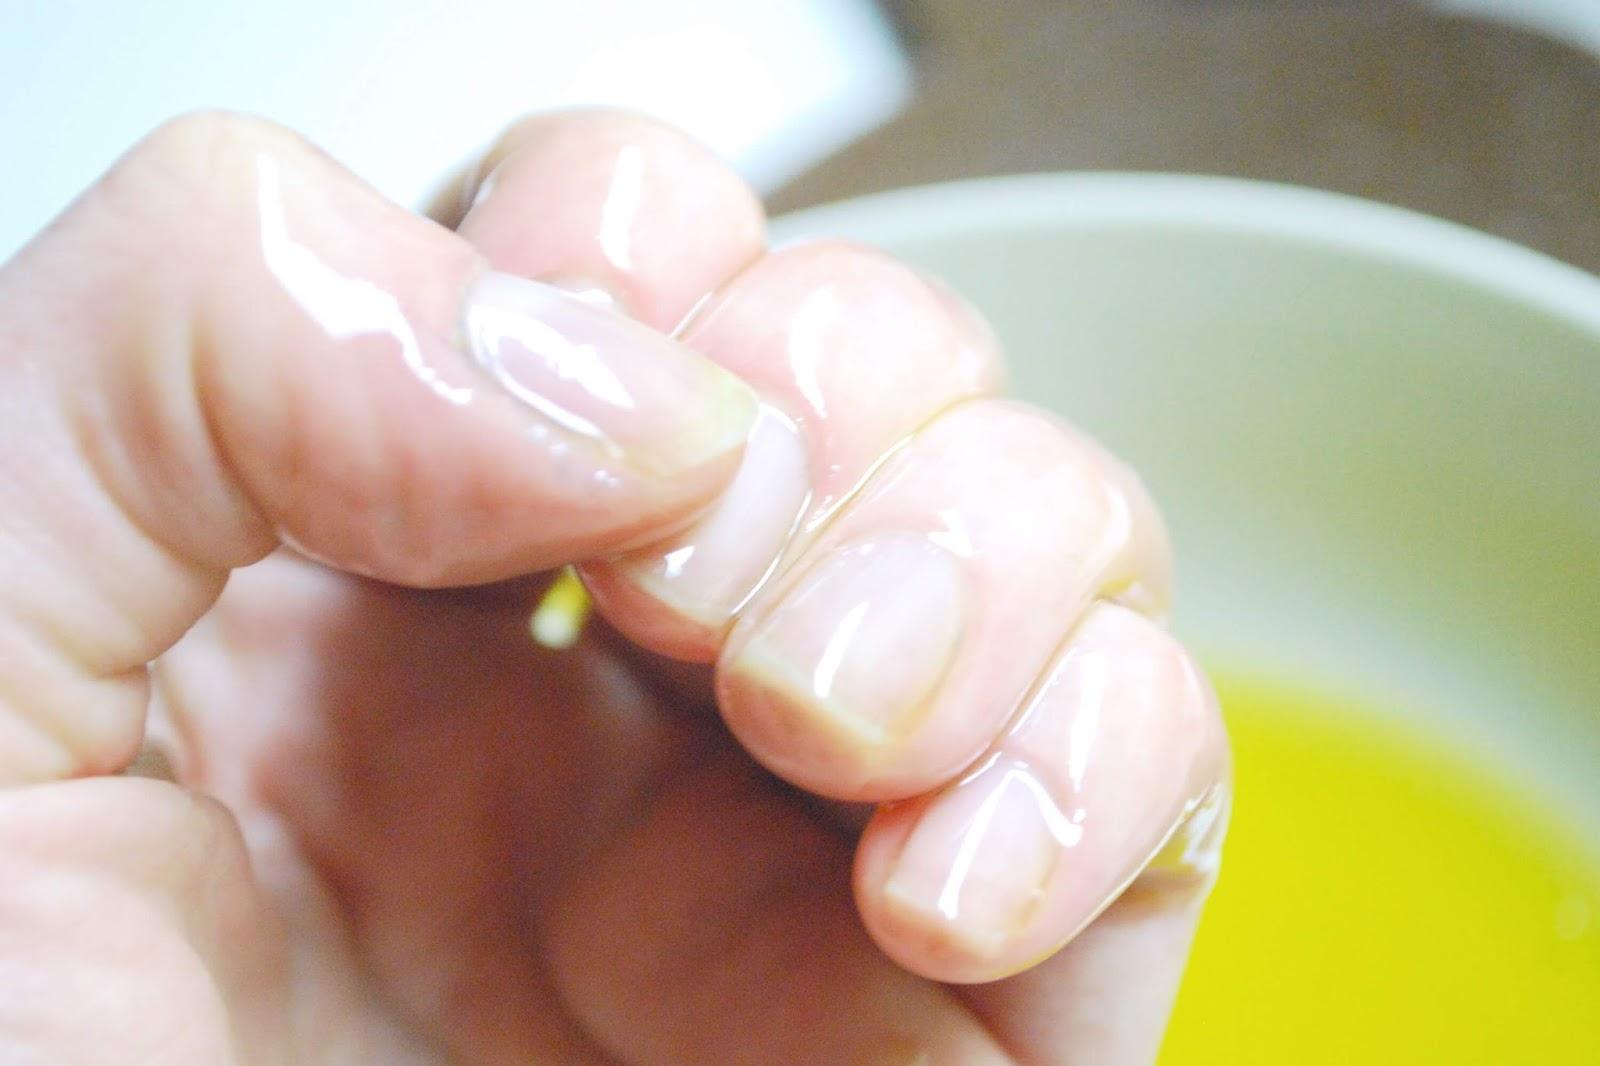 طريقة تطويل الأظافر من الجلد